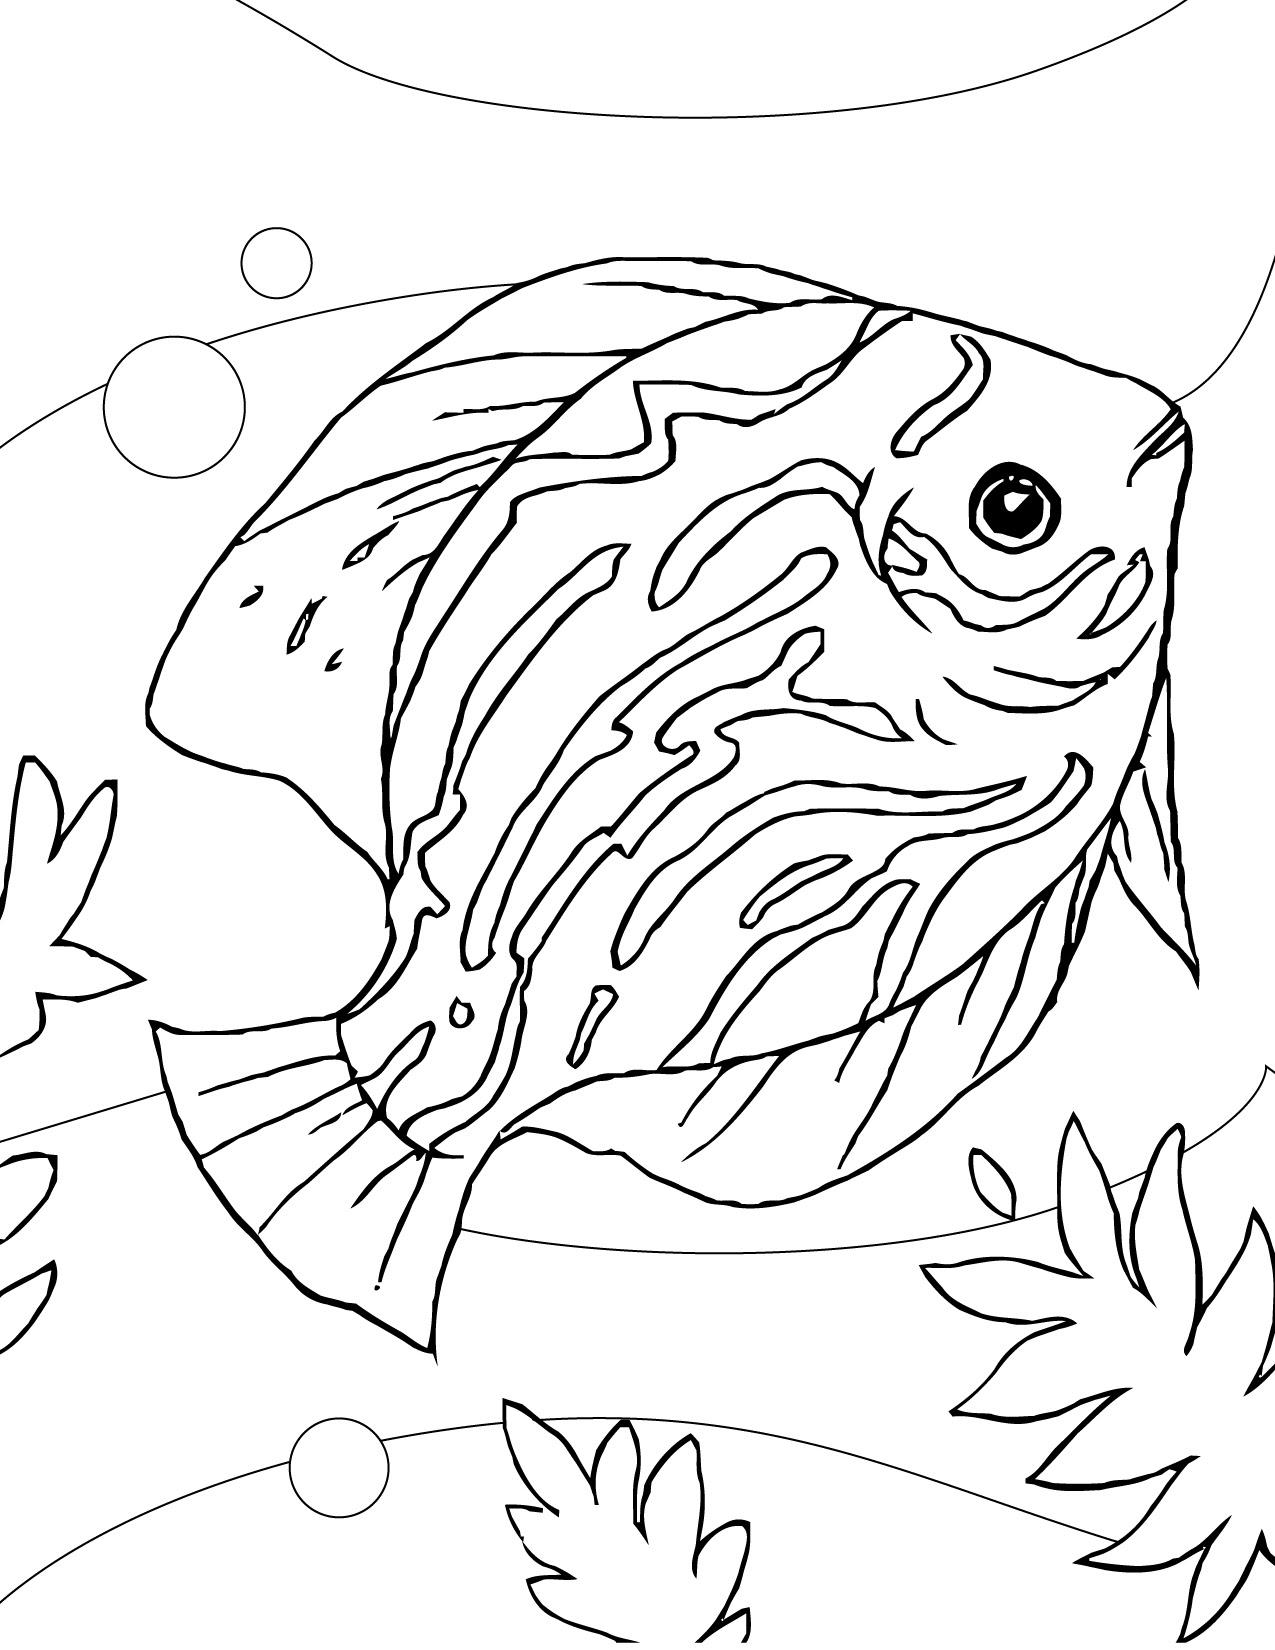 Aquarium Fish Coloring Pages at GetColorings.com   Free ...